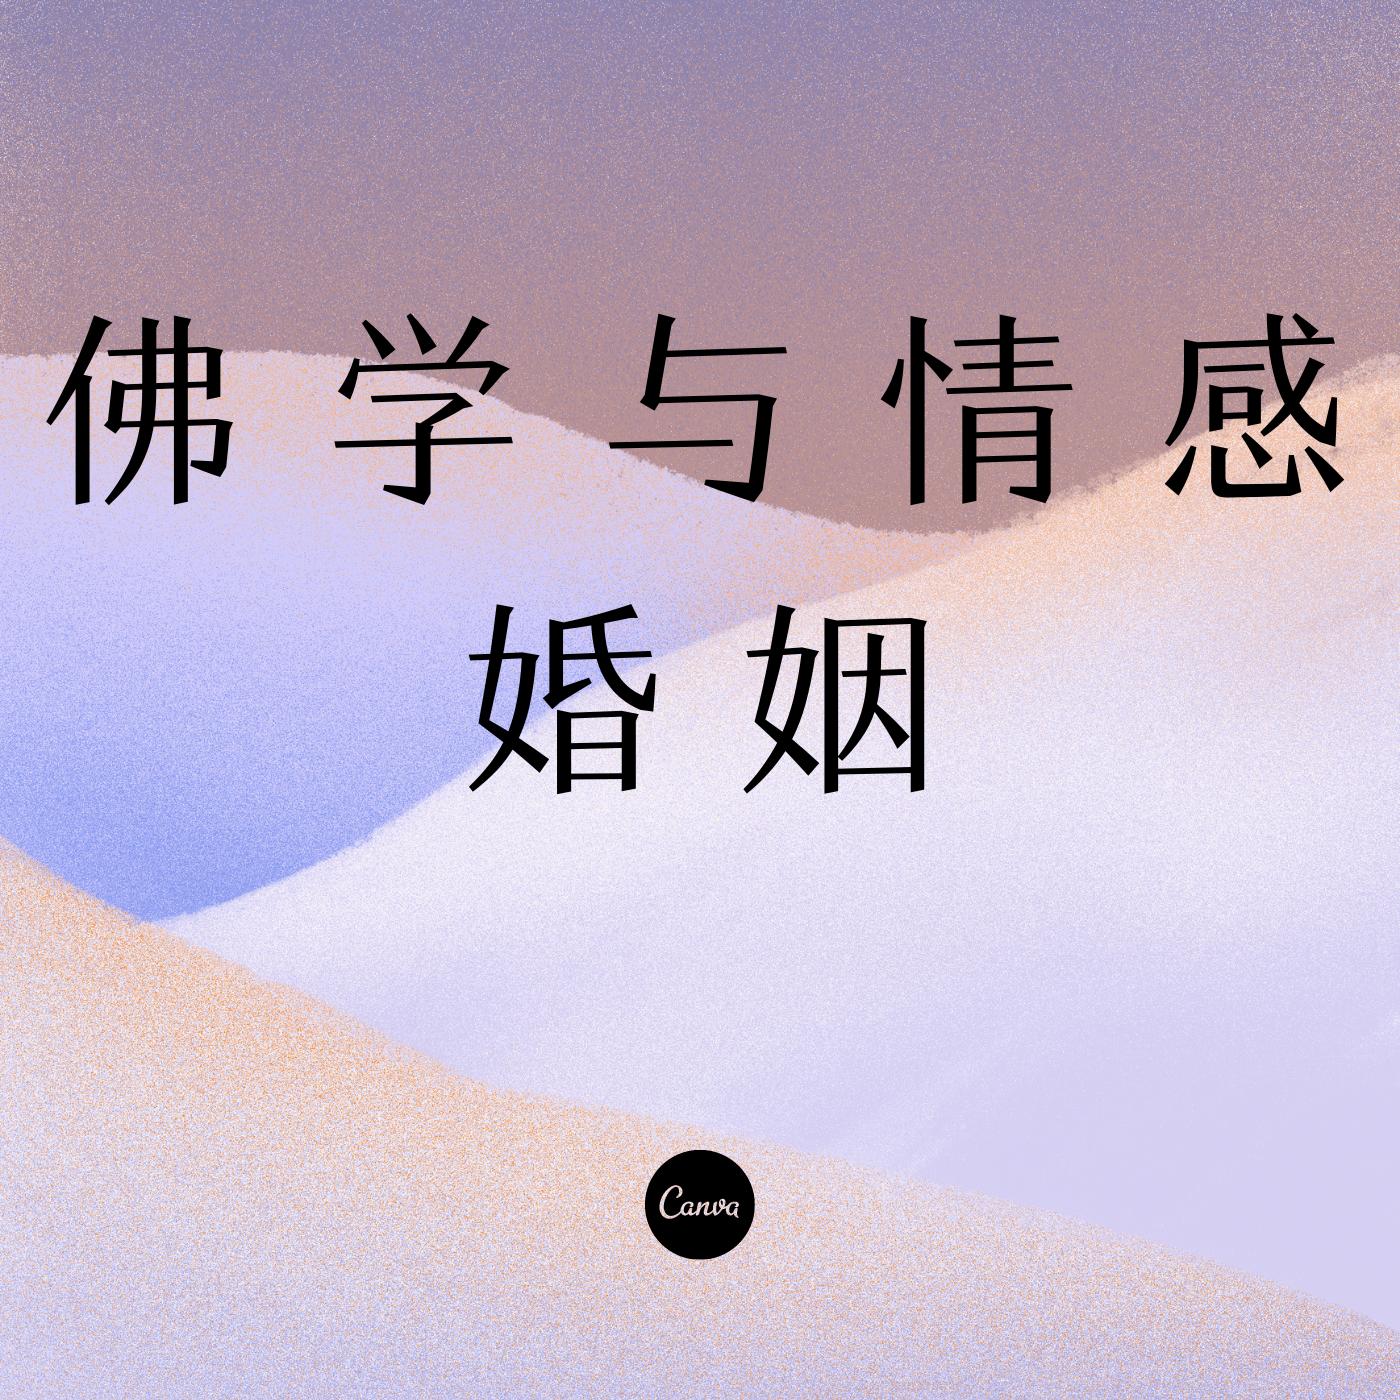 佛学与情感婚姻(粤语)